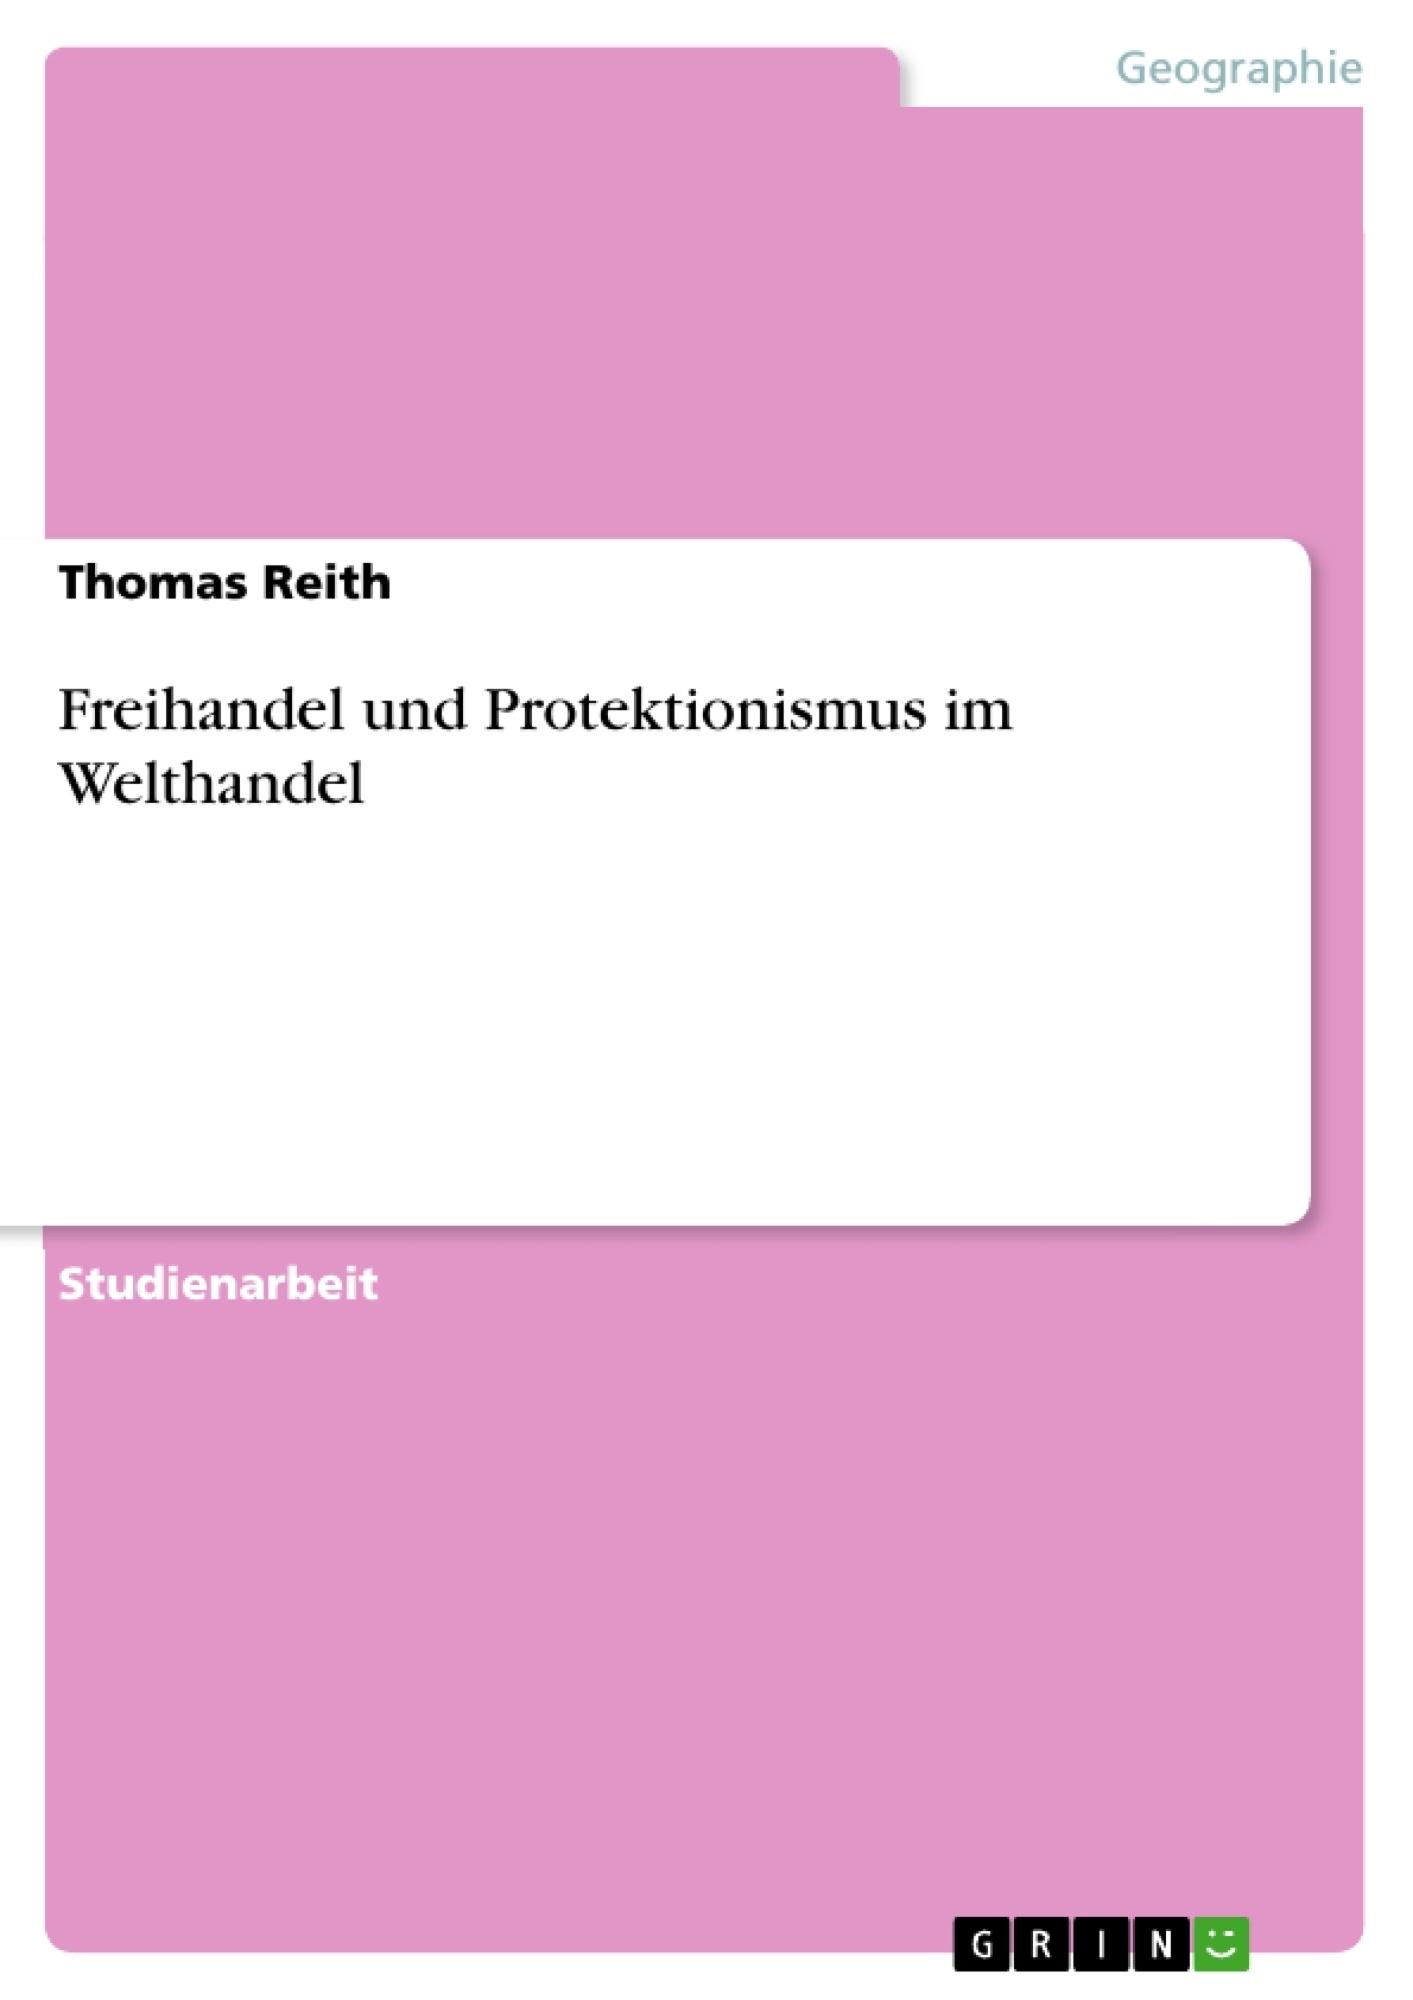 Titel: Freihandel und Protektionismus im Welthandel